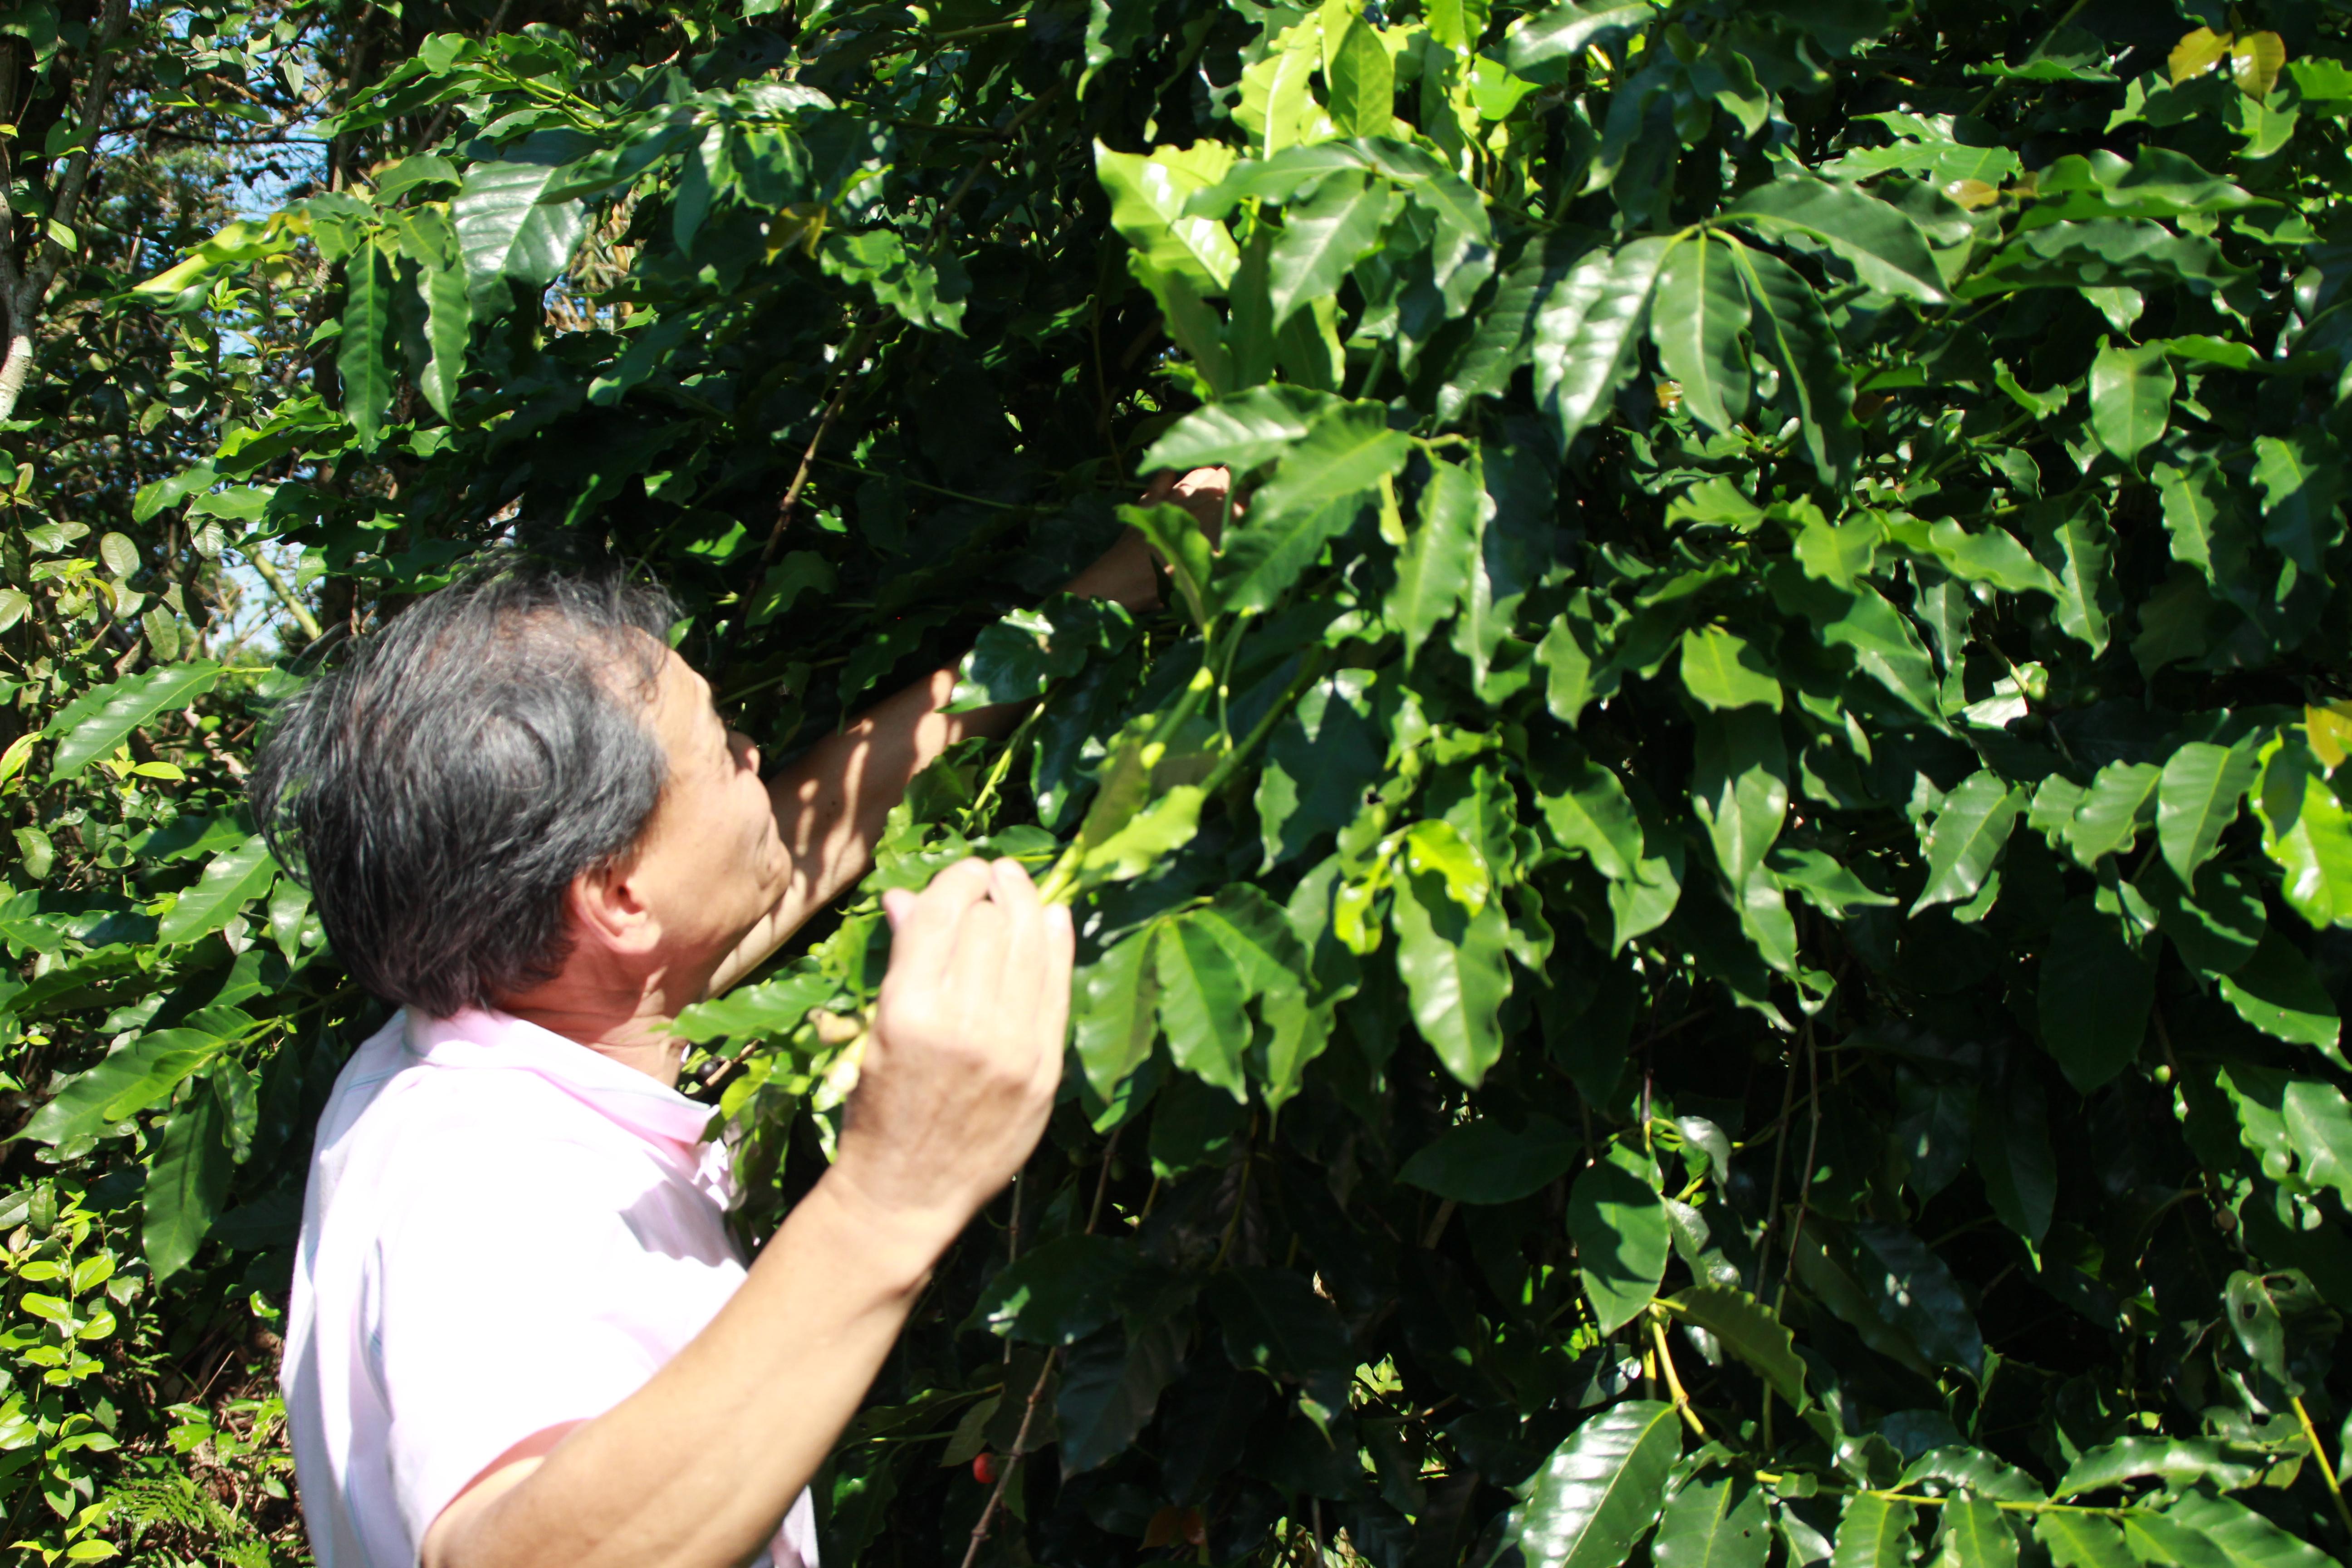 創辦人高福勝,親自為咖啡樹整理枝葉,驅逐害蟲,見其用心之處。攝影/邵永輝